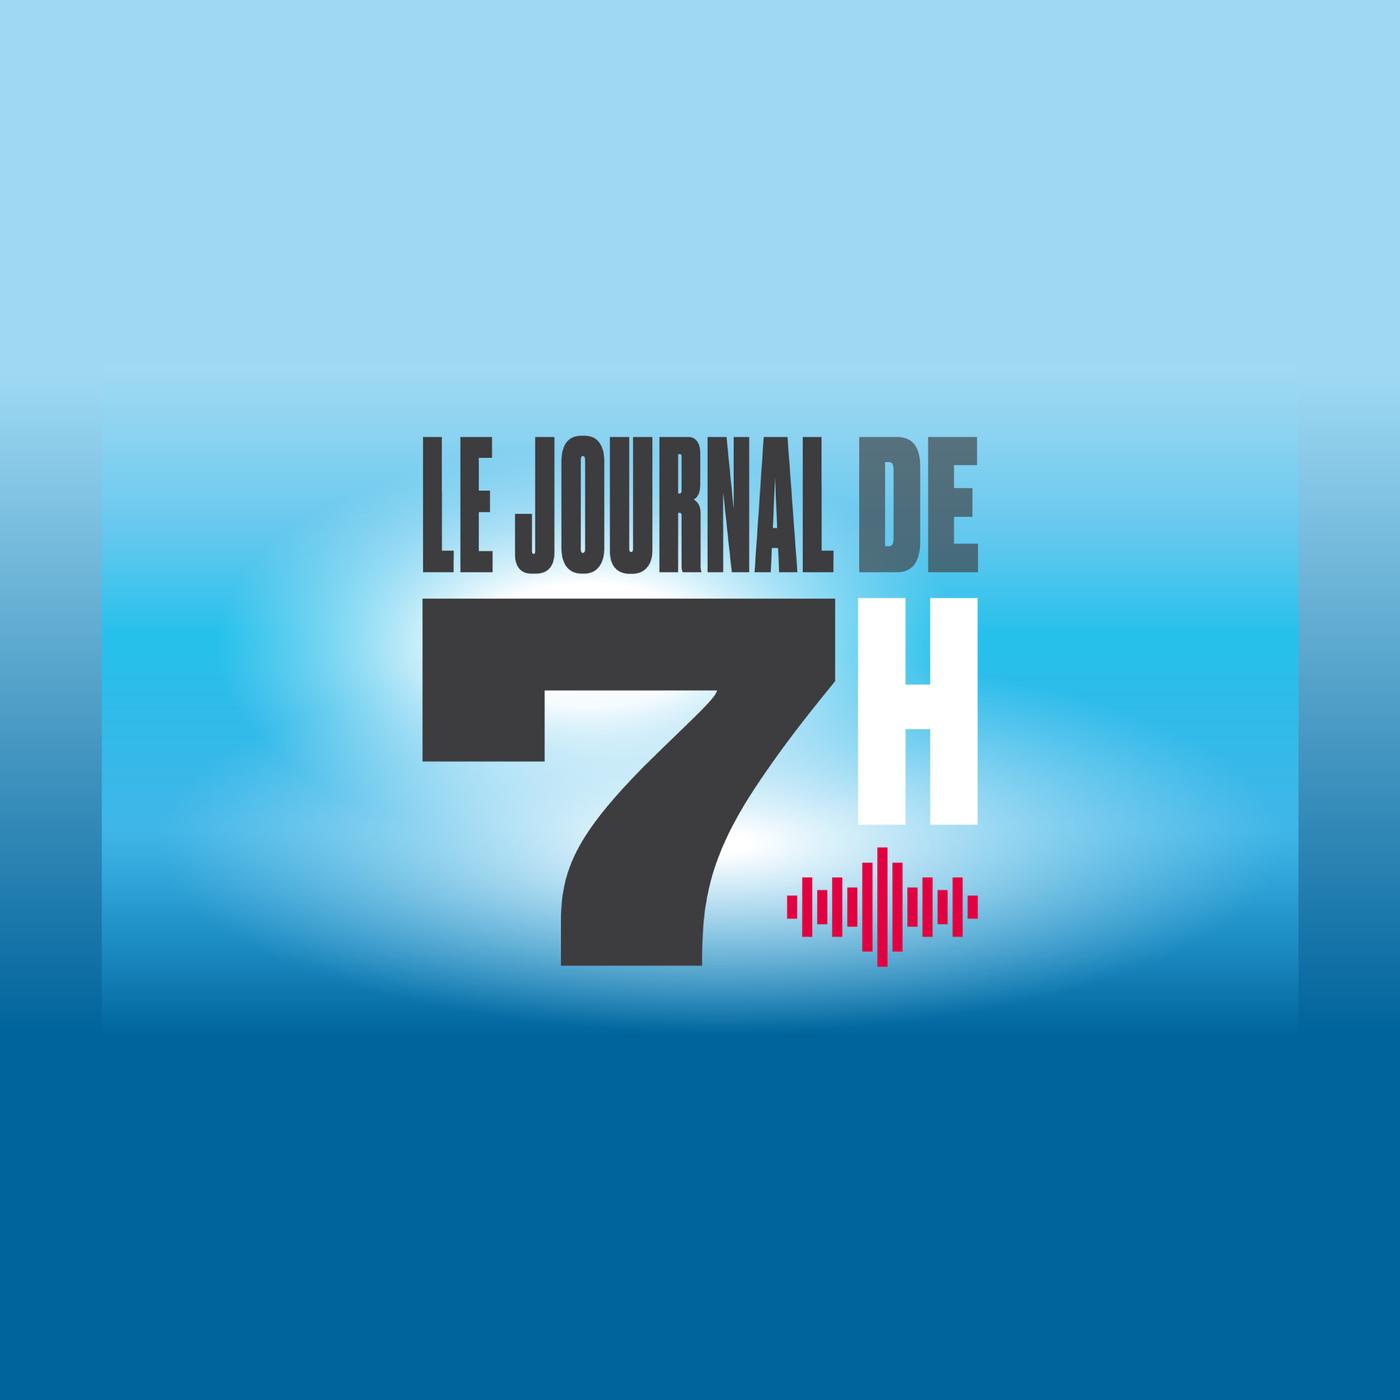 Le Journal de 7h - La 1ère